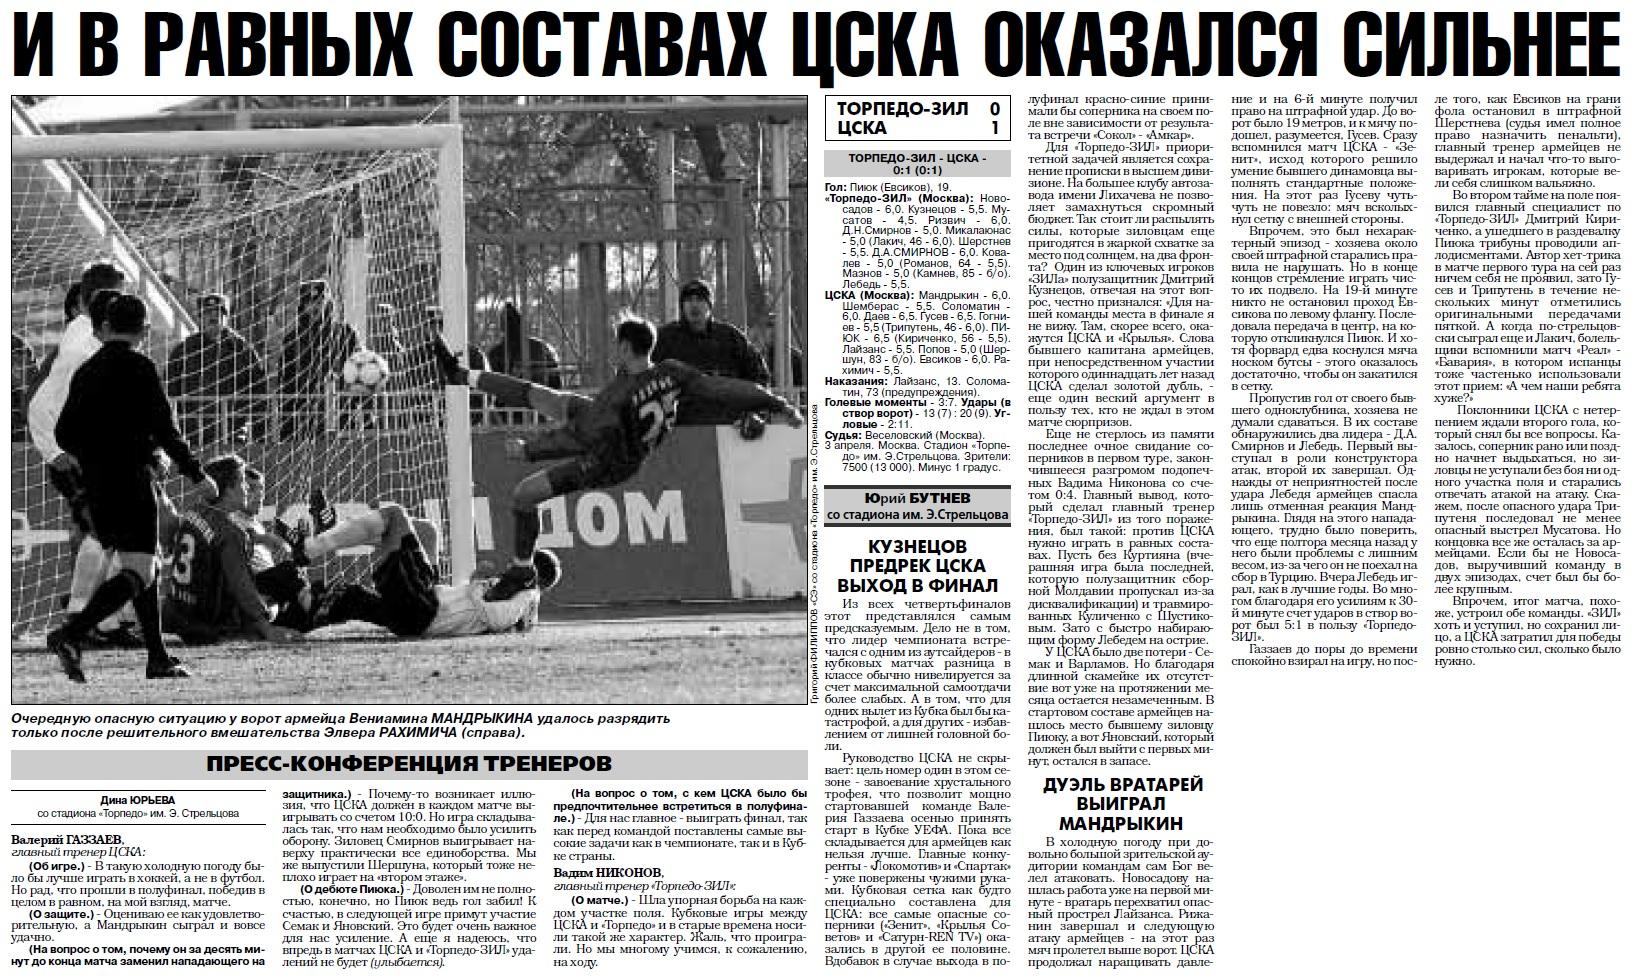 Торпедо-ЗИЛ (Москва) - ЦСКА (Москва) 0:1. Нажмите, чтобы посмотреть истинный размер рисунка